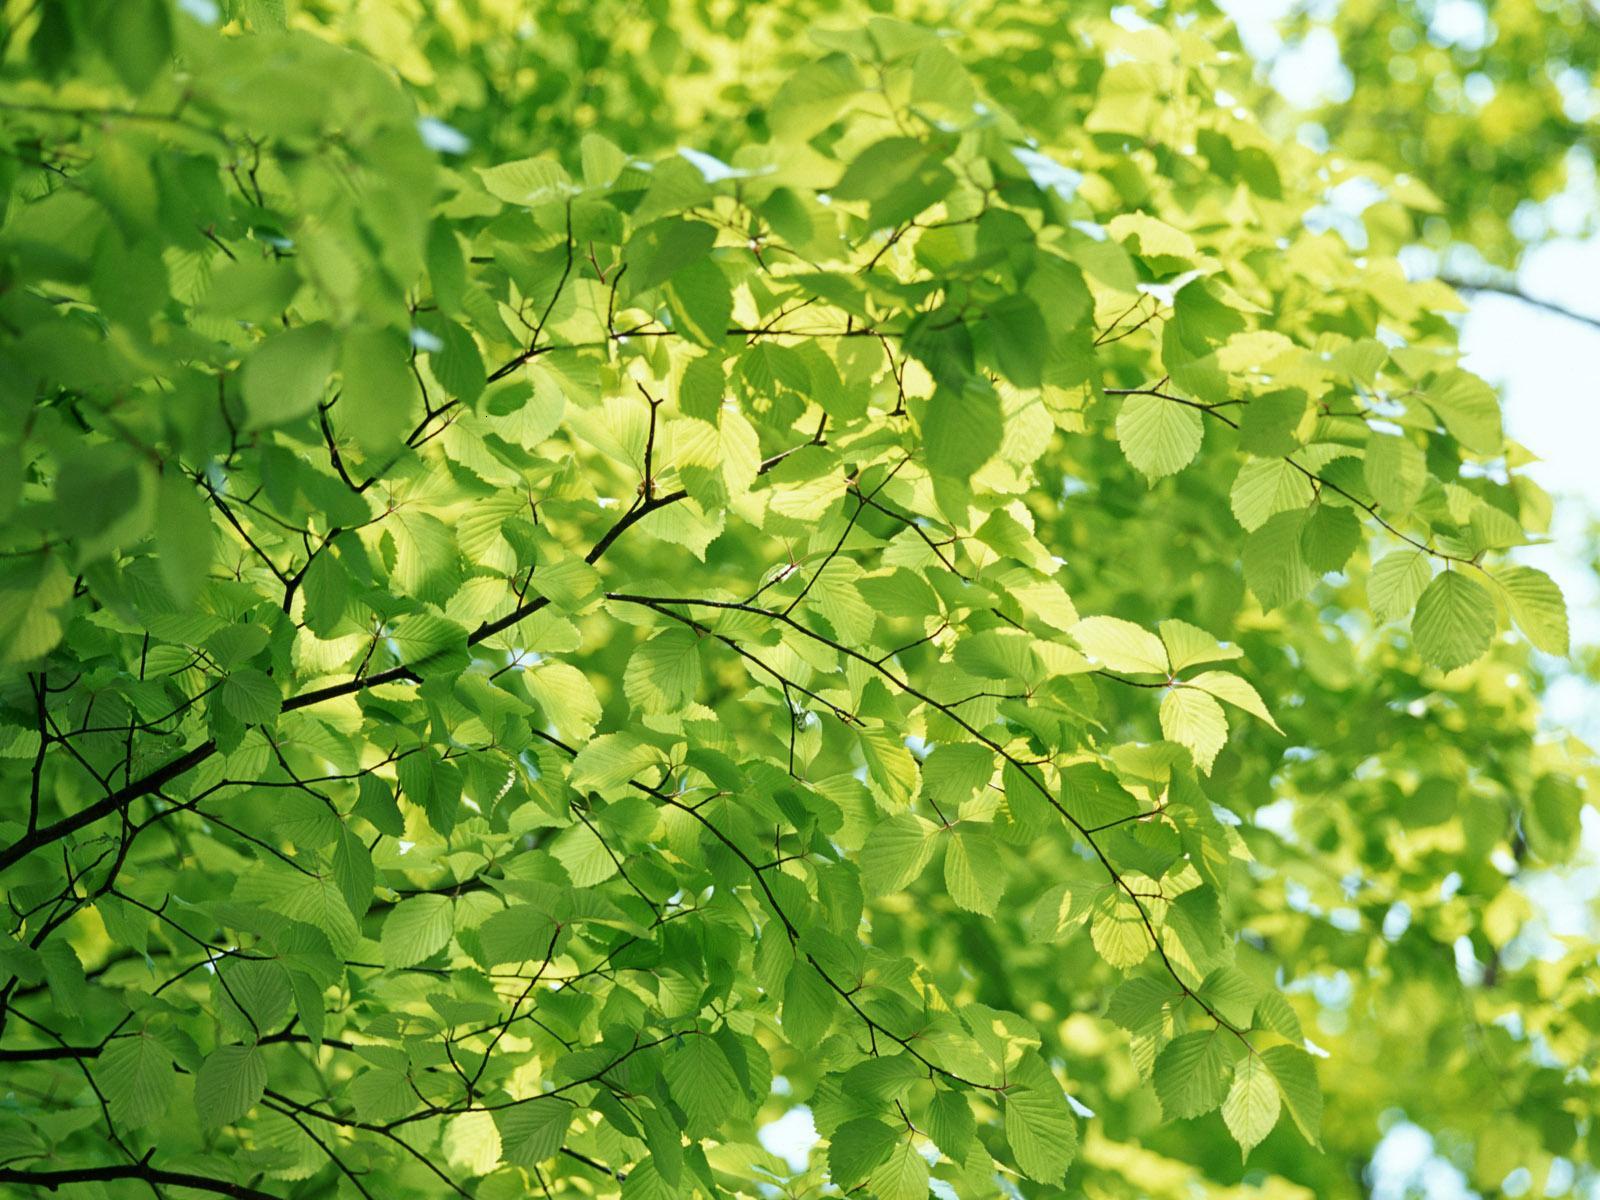 Арка из зеленых листьев загрузить